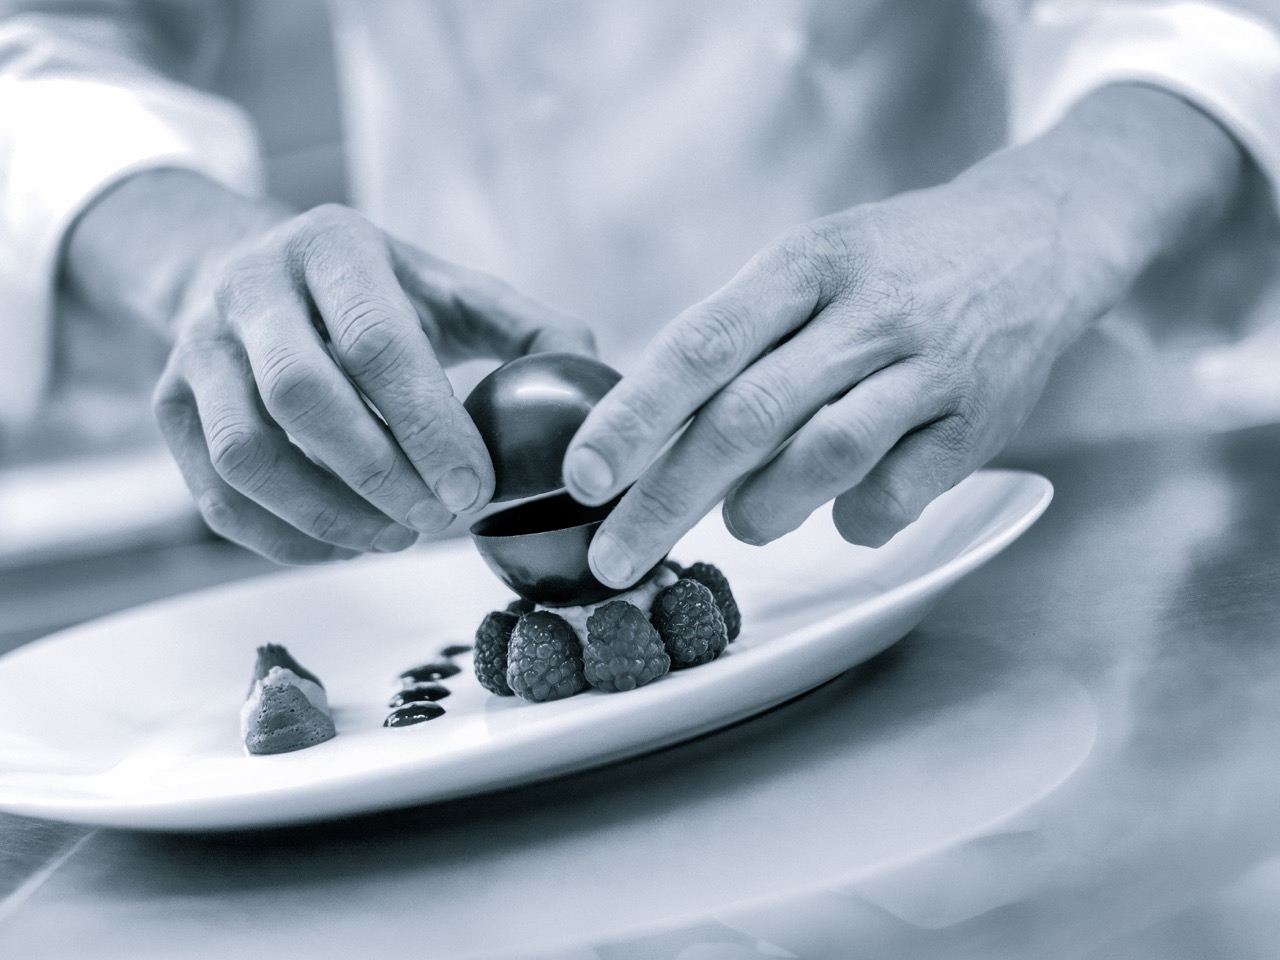 Dressage_dessert-1-1440514415.jpeg